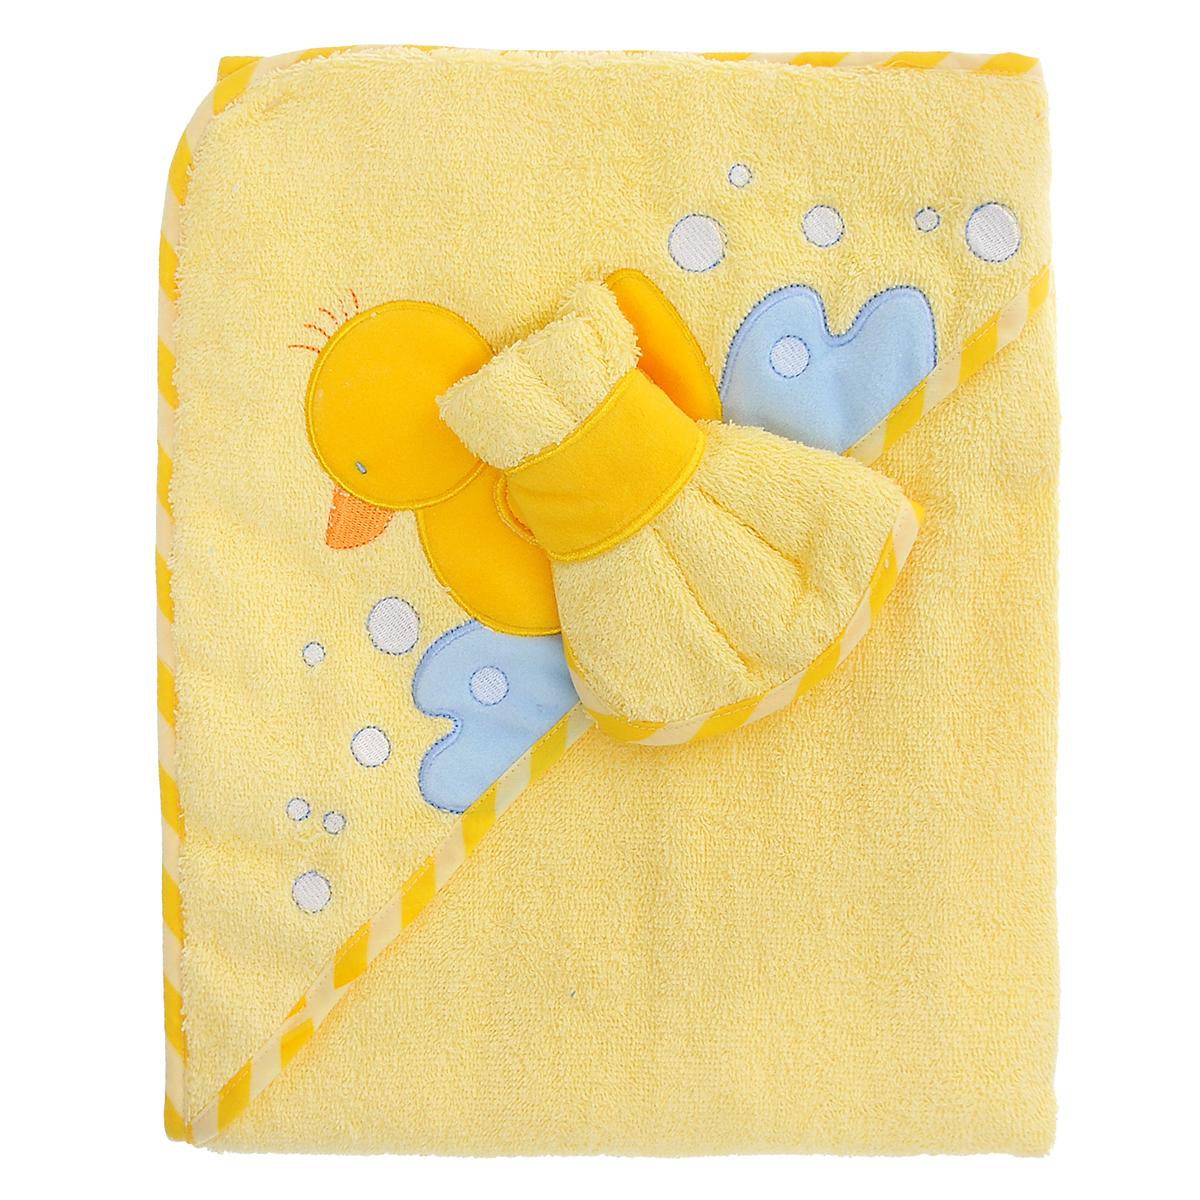 Полотенце с капюшоном  Фенси , с салфеткой, цвет: желтый, 76 см х 90 см - Полотенца